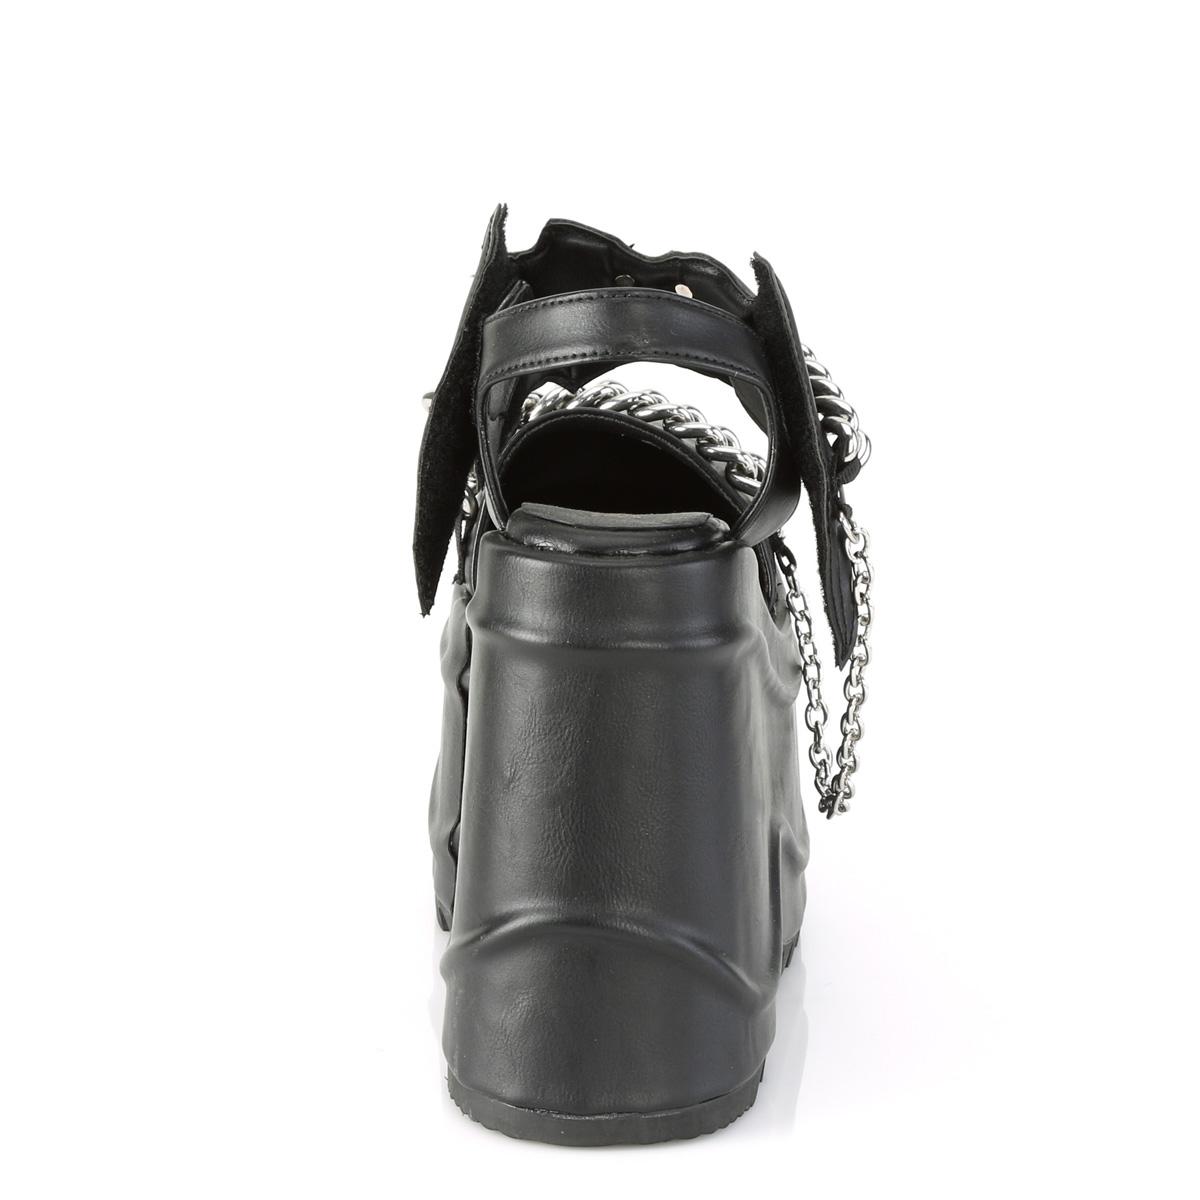 Demonia(デモニア) WAVE-20 ウェッジソール厚底サンダル コウモリ 蝙蝠 チェーン つや消し黒◆取り寄せ